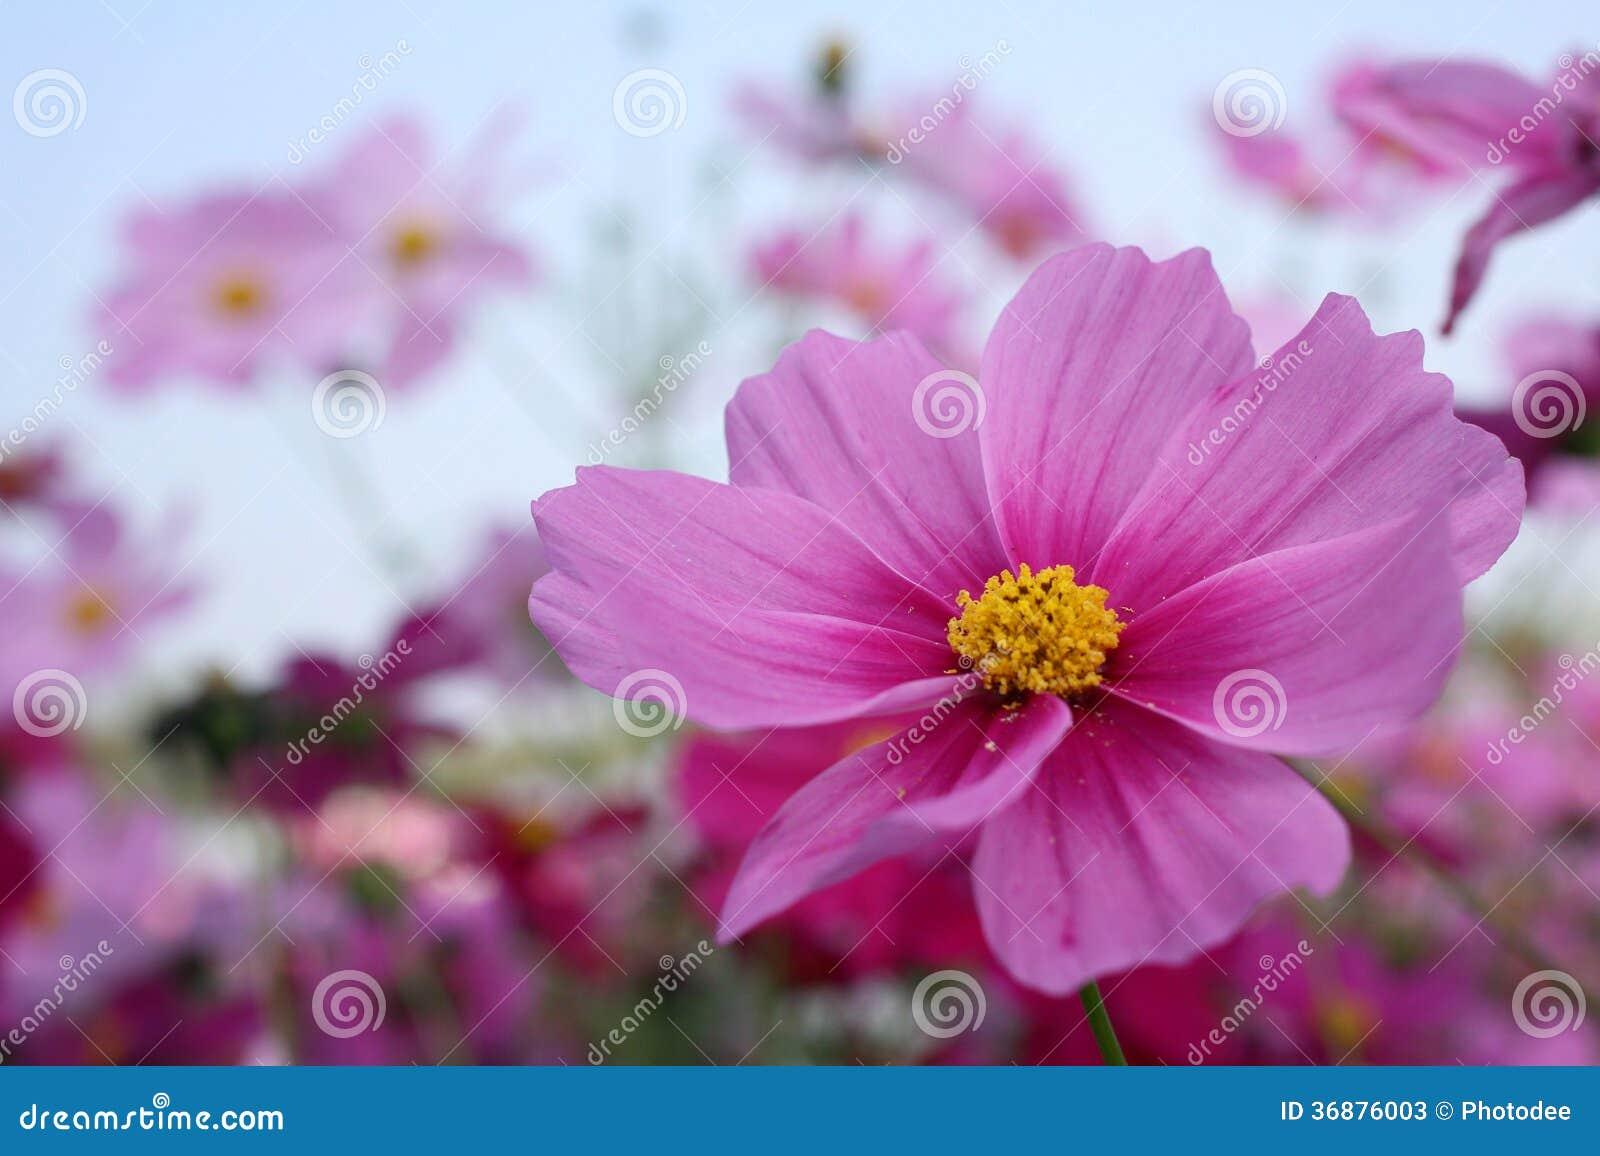 Download Fiore rosa dell'universo immagine stock. Immagine di paesaggio - 36876003